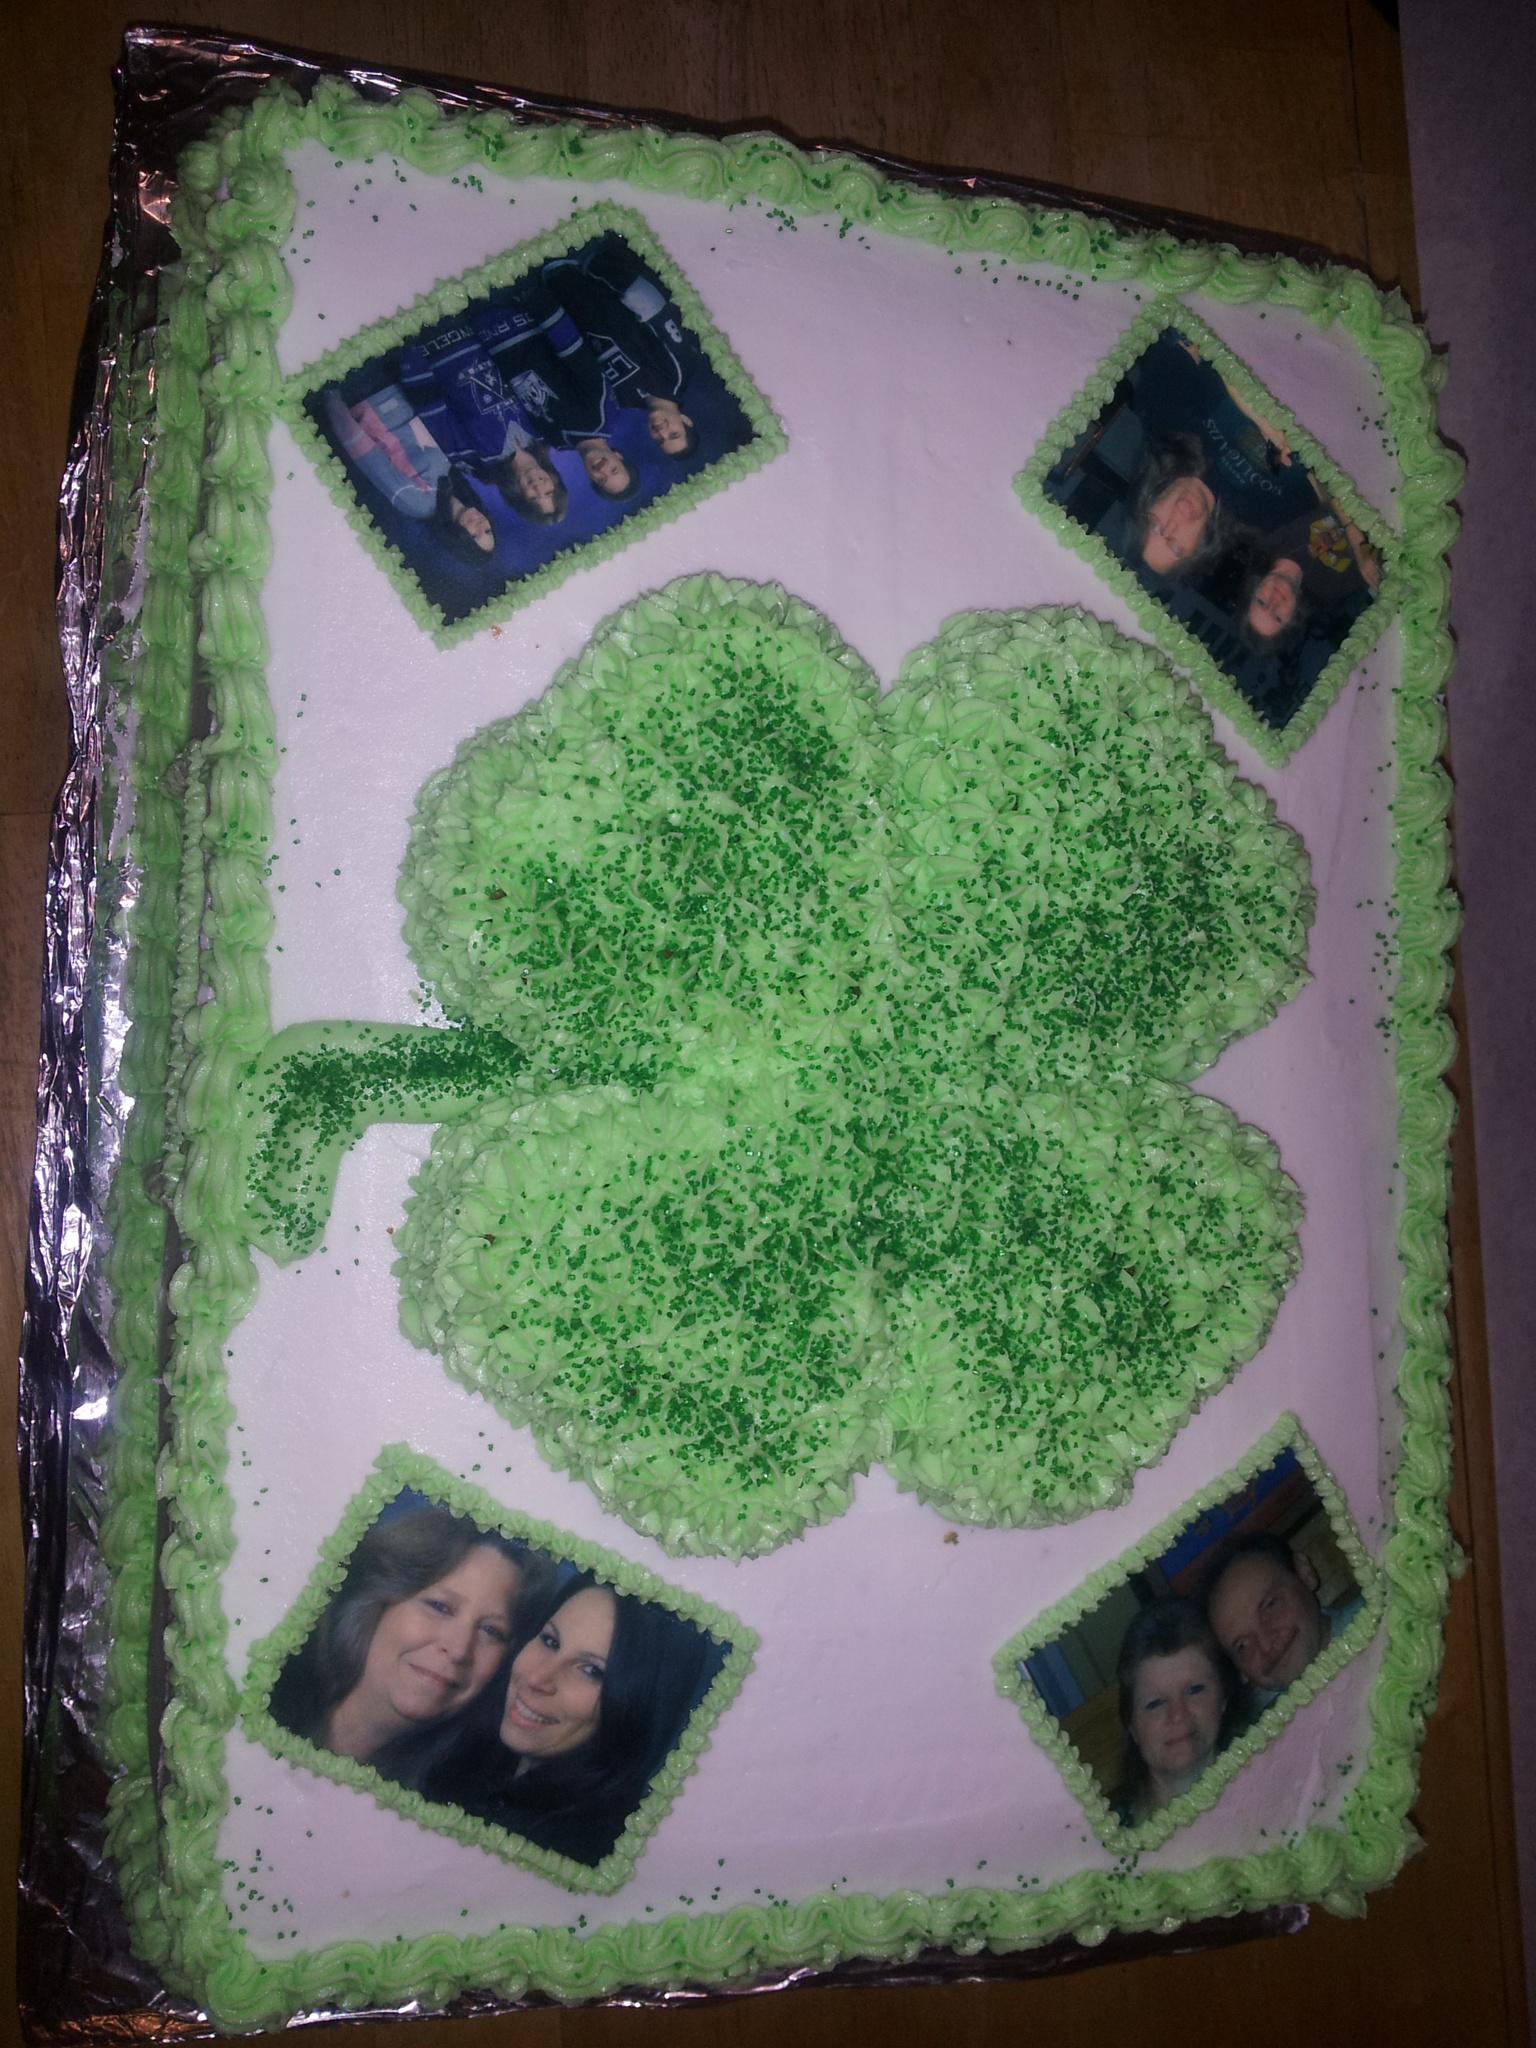 St.Patty's Birthday cake by Susie Price Williams